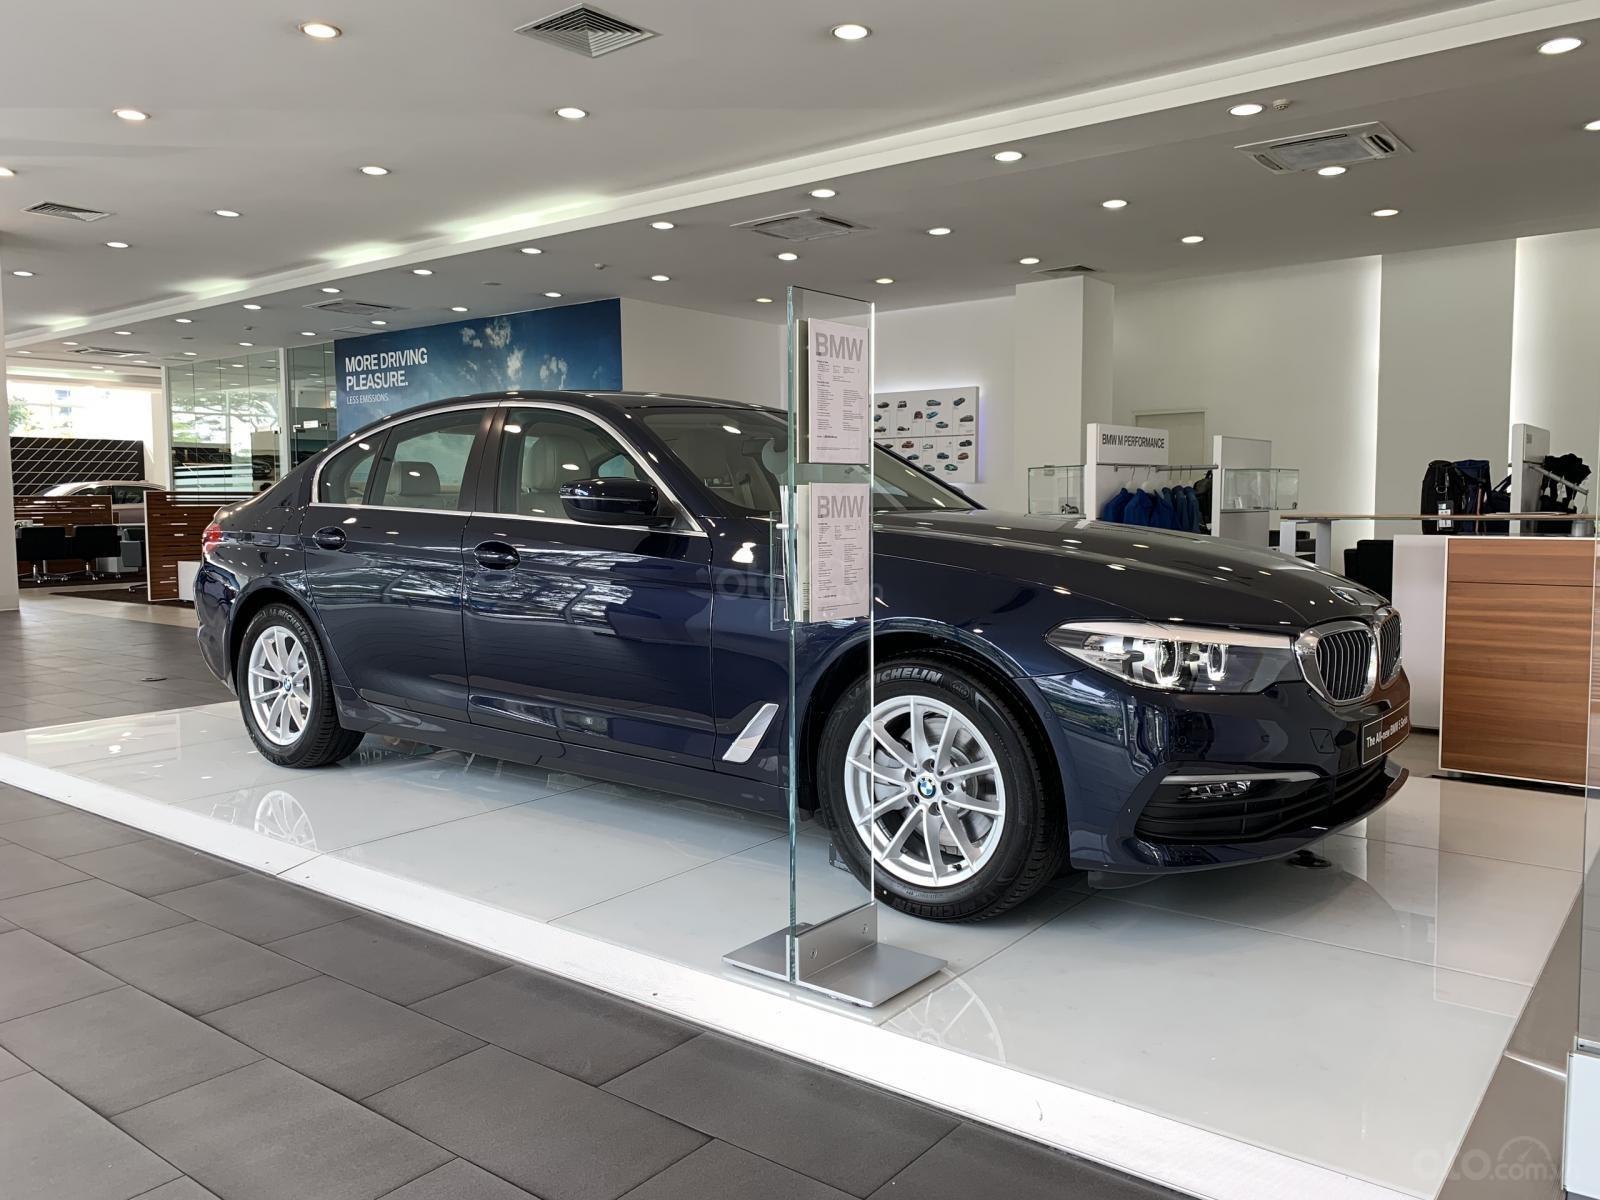 BMW 520i All new 2019 - Nhập khẩu chính hãng - Hỗ trợ vay trả góp, lãi suất ưu đãi-2